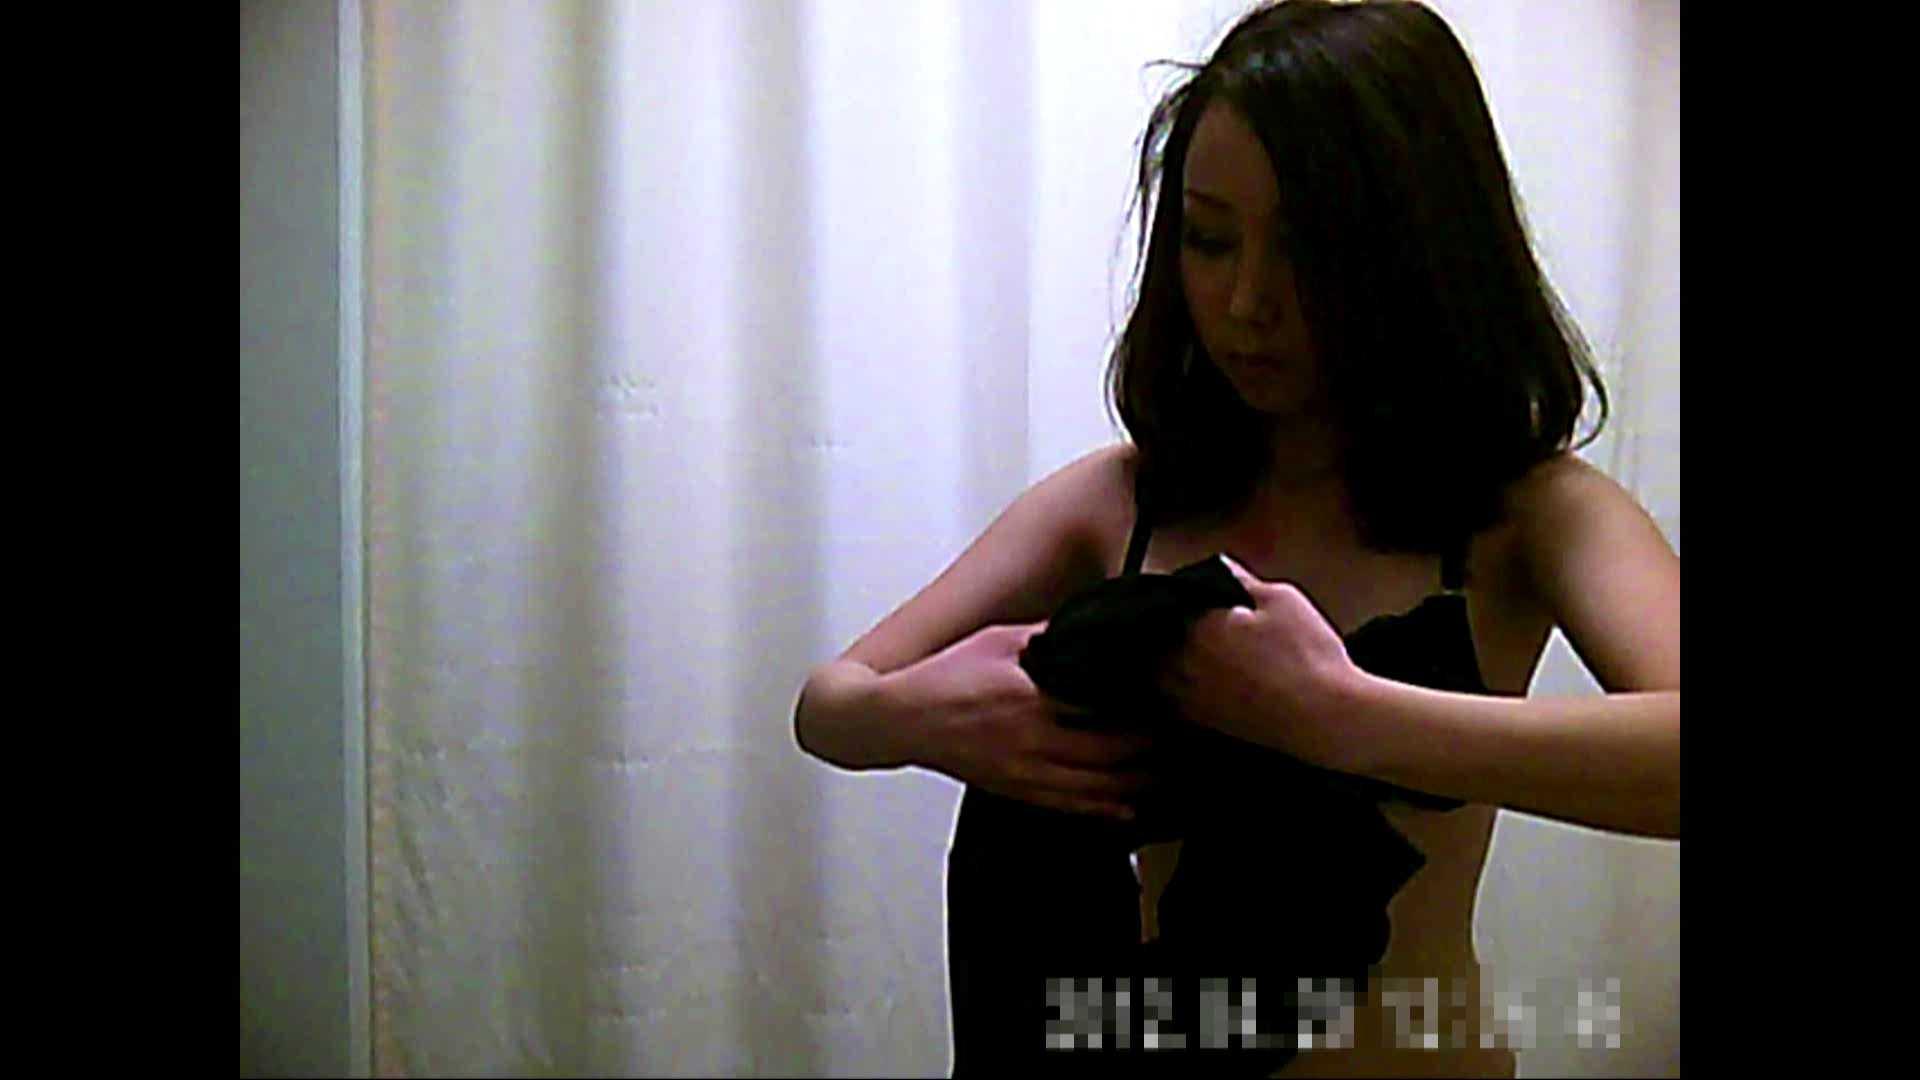 元医者による反抗 更衣室地獄絵巻 vol.013 OL | 0  59連発 35